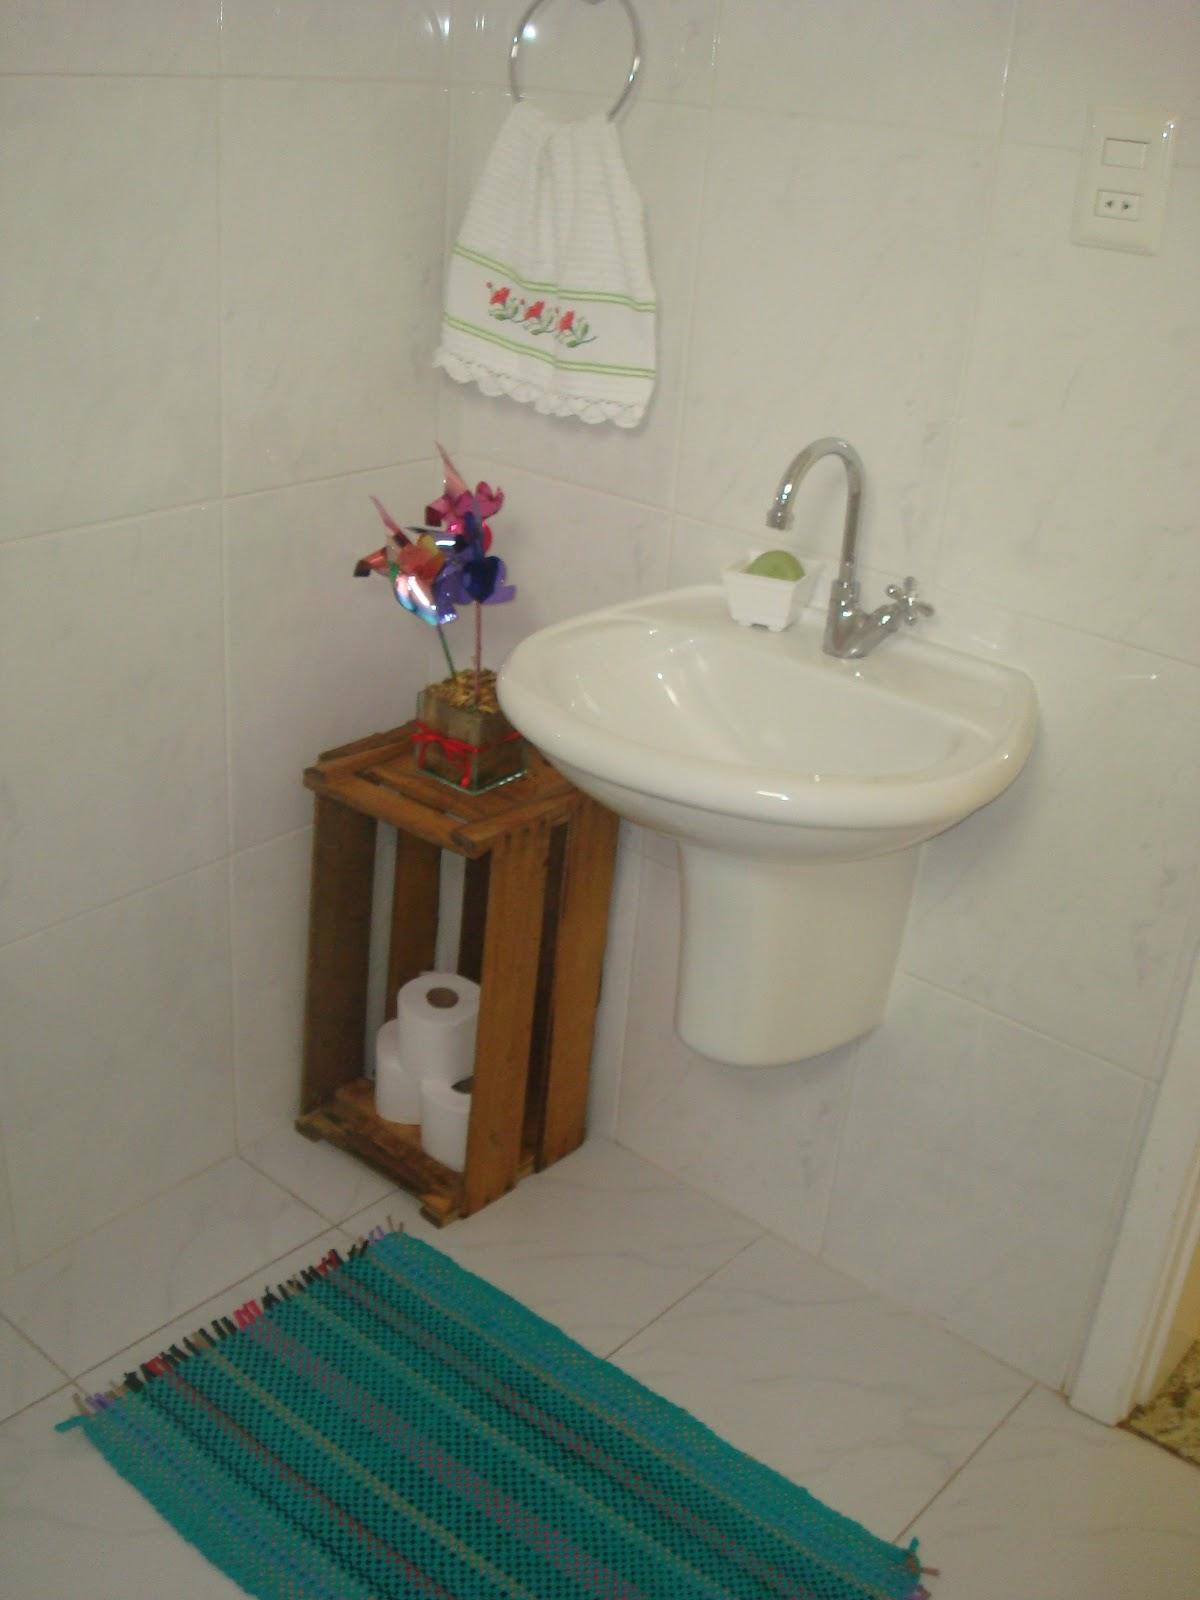 Armario Para Banheiro Feito De Caixote ~ Casinha de Passarinho A nossa casinha ! Caixote de feira virou armário e Catavento flores